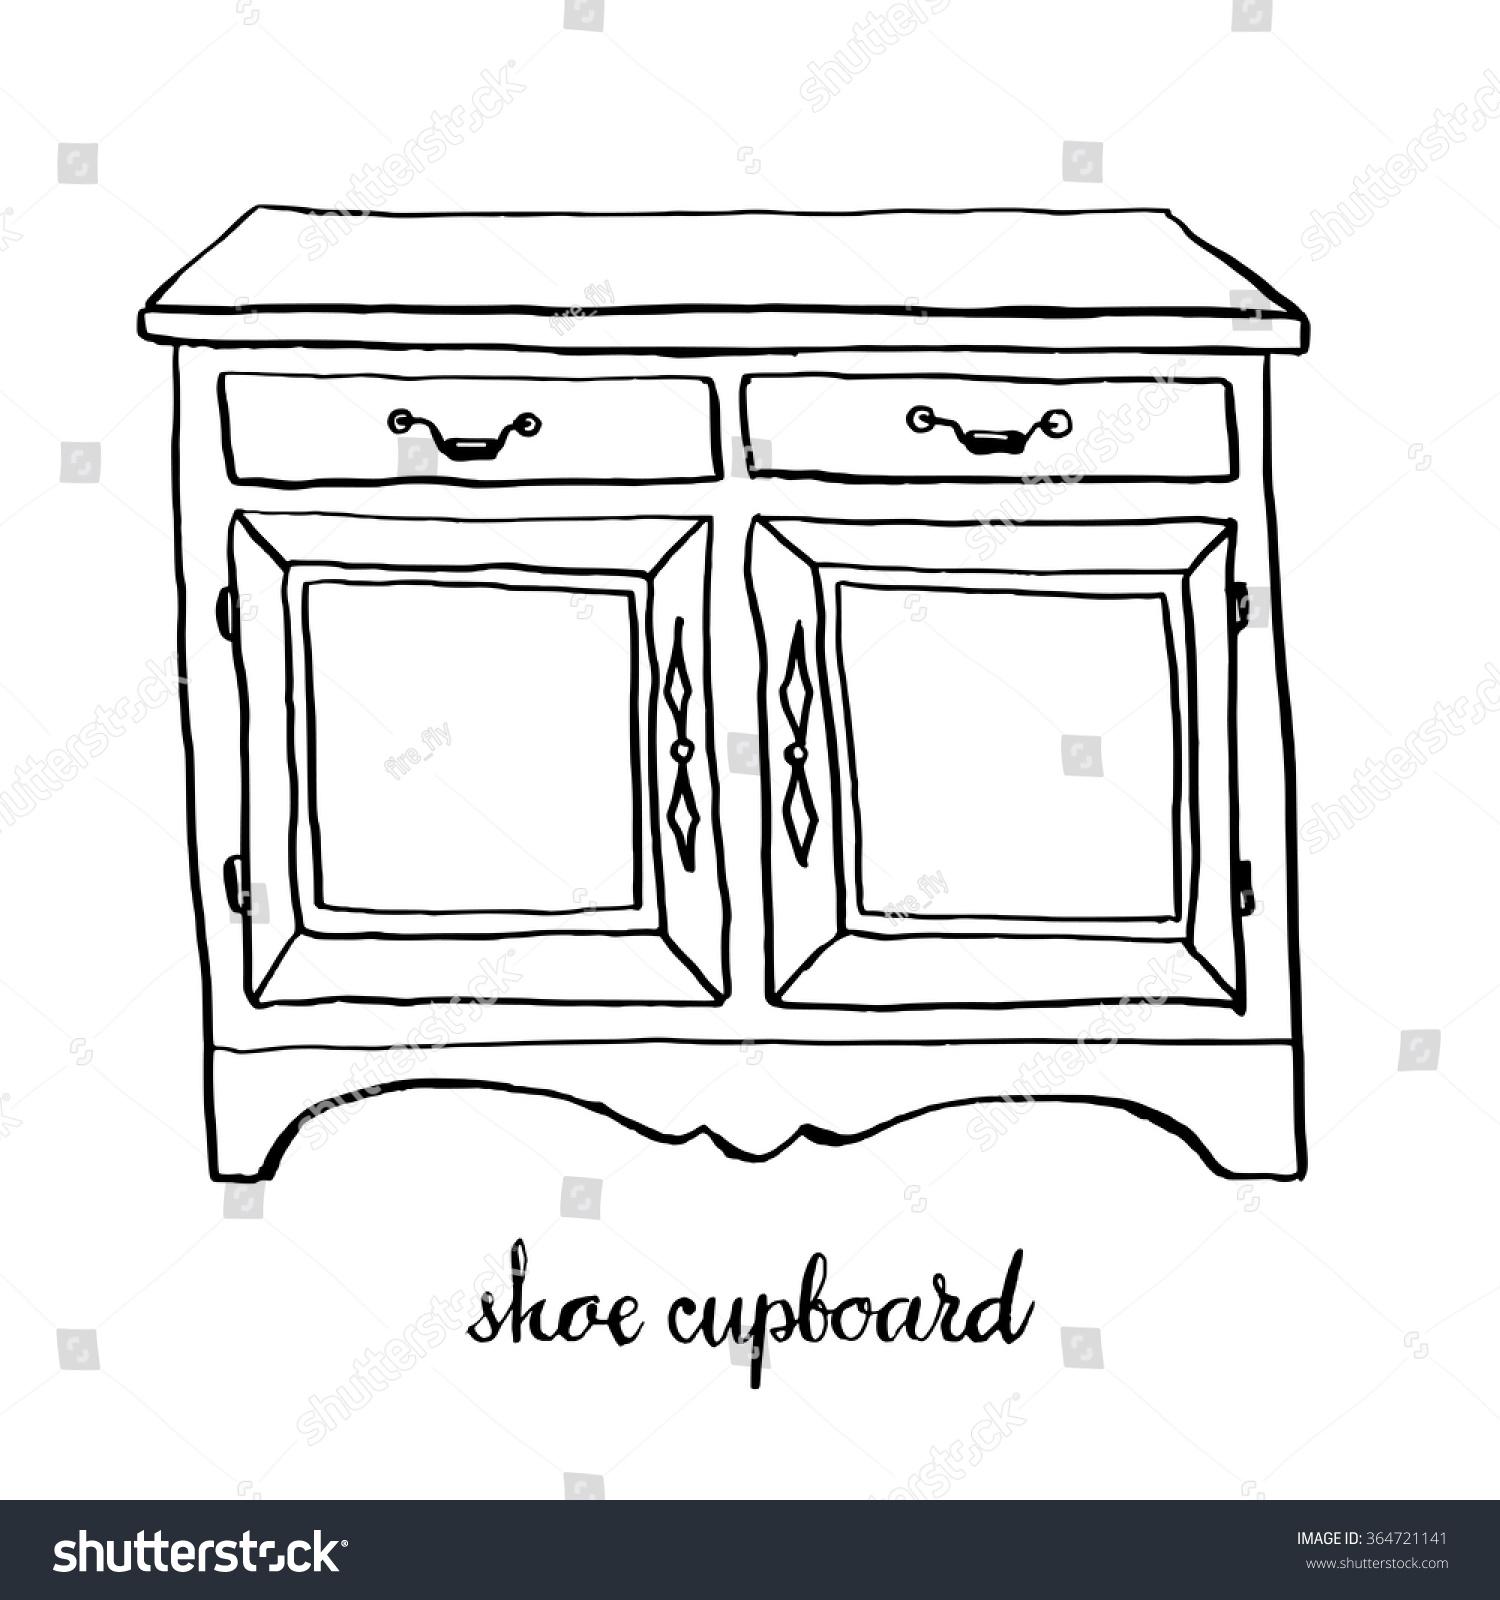 Vintage Shoe Cupboard Furniture Interior Design Elements Hand Drawn Ink Sketch Illustration